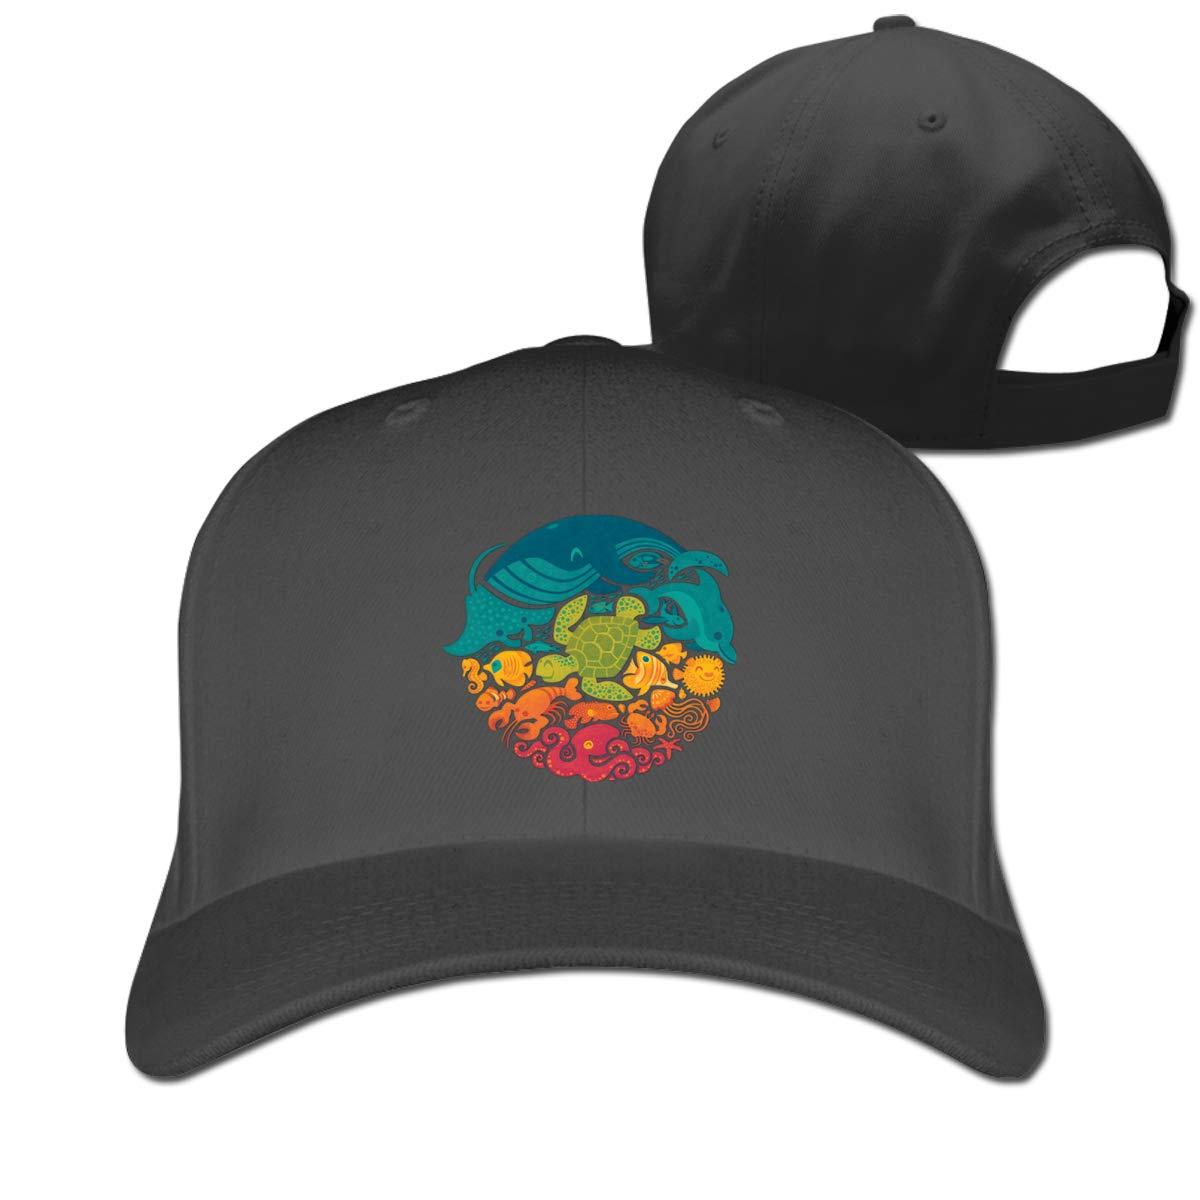 Aquatic Rainbow Fashion Adjustable Cotton Baseball Caps Trucker Driver Hat Outdoor Cap Black